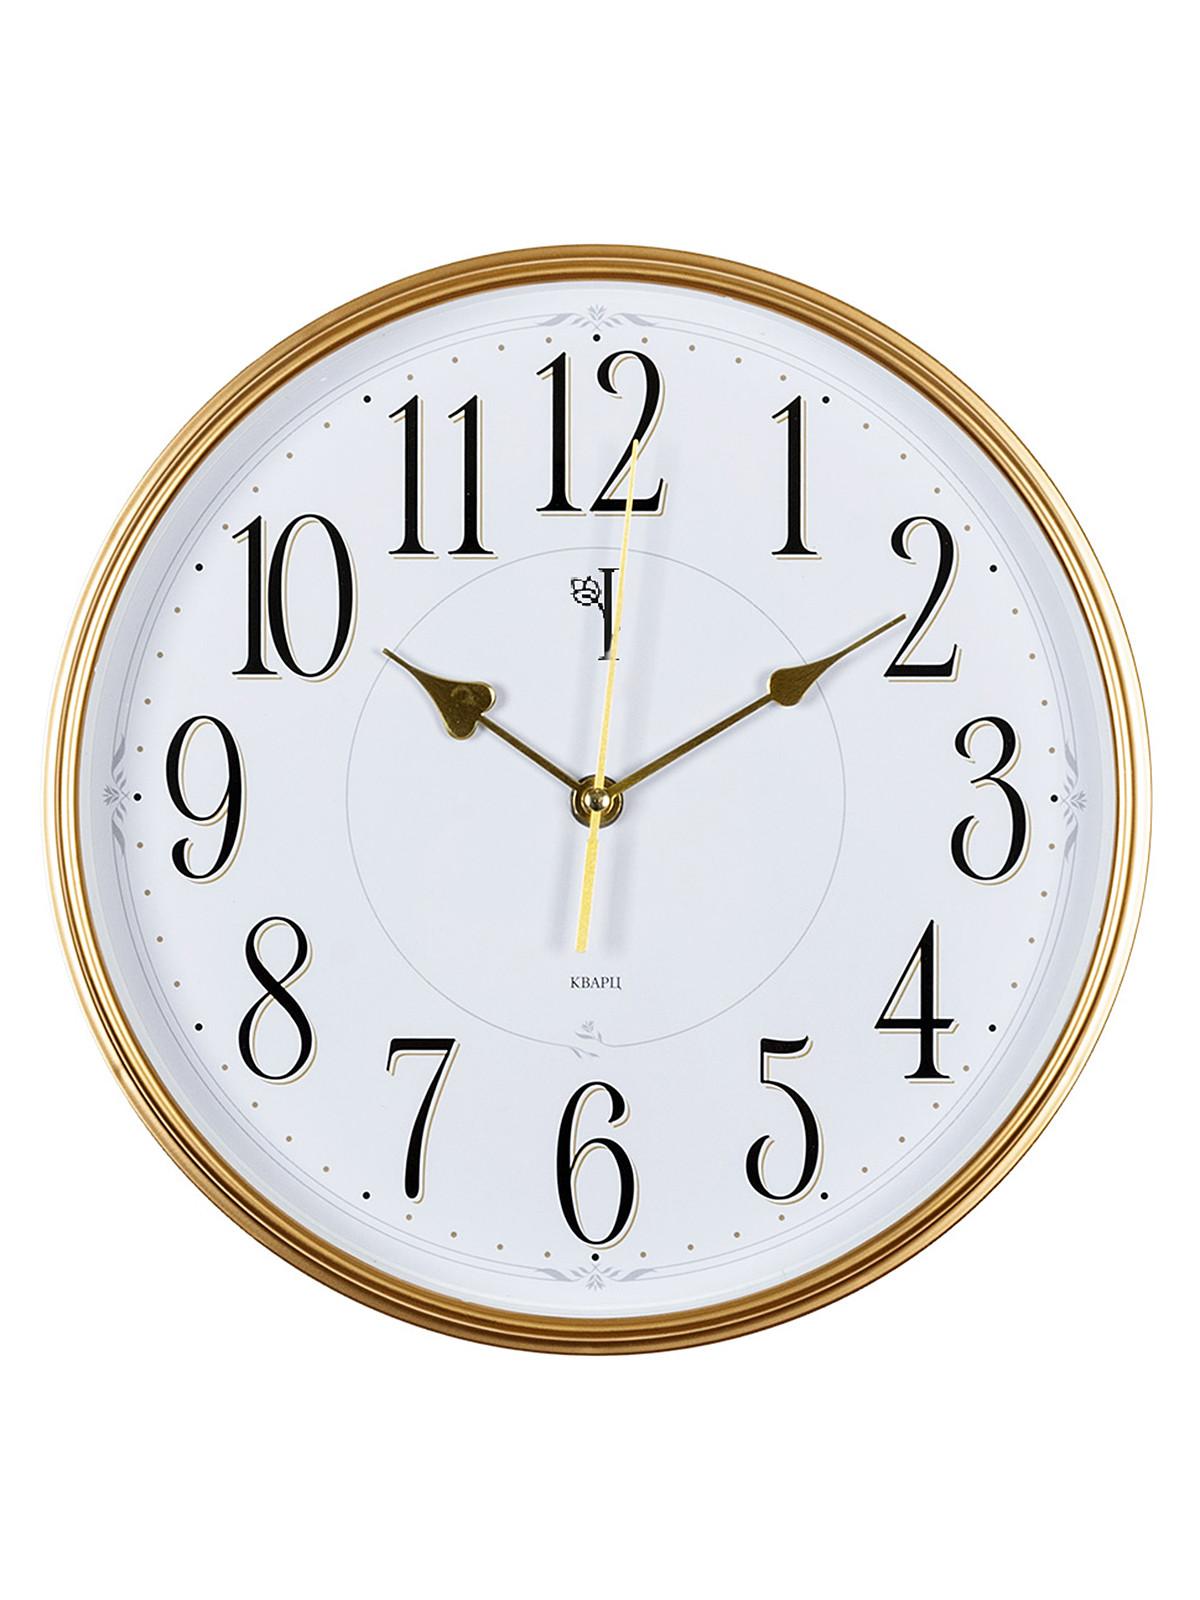 Часы настенные круг d=29см, корпус золотой